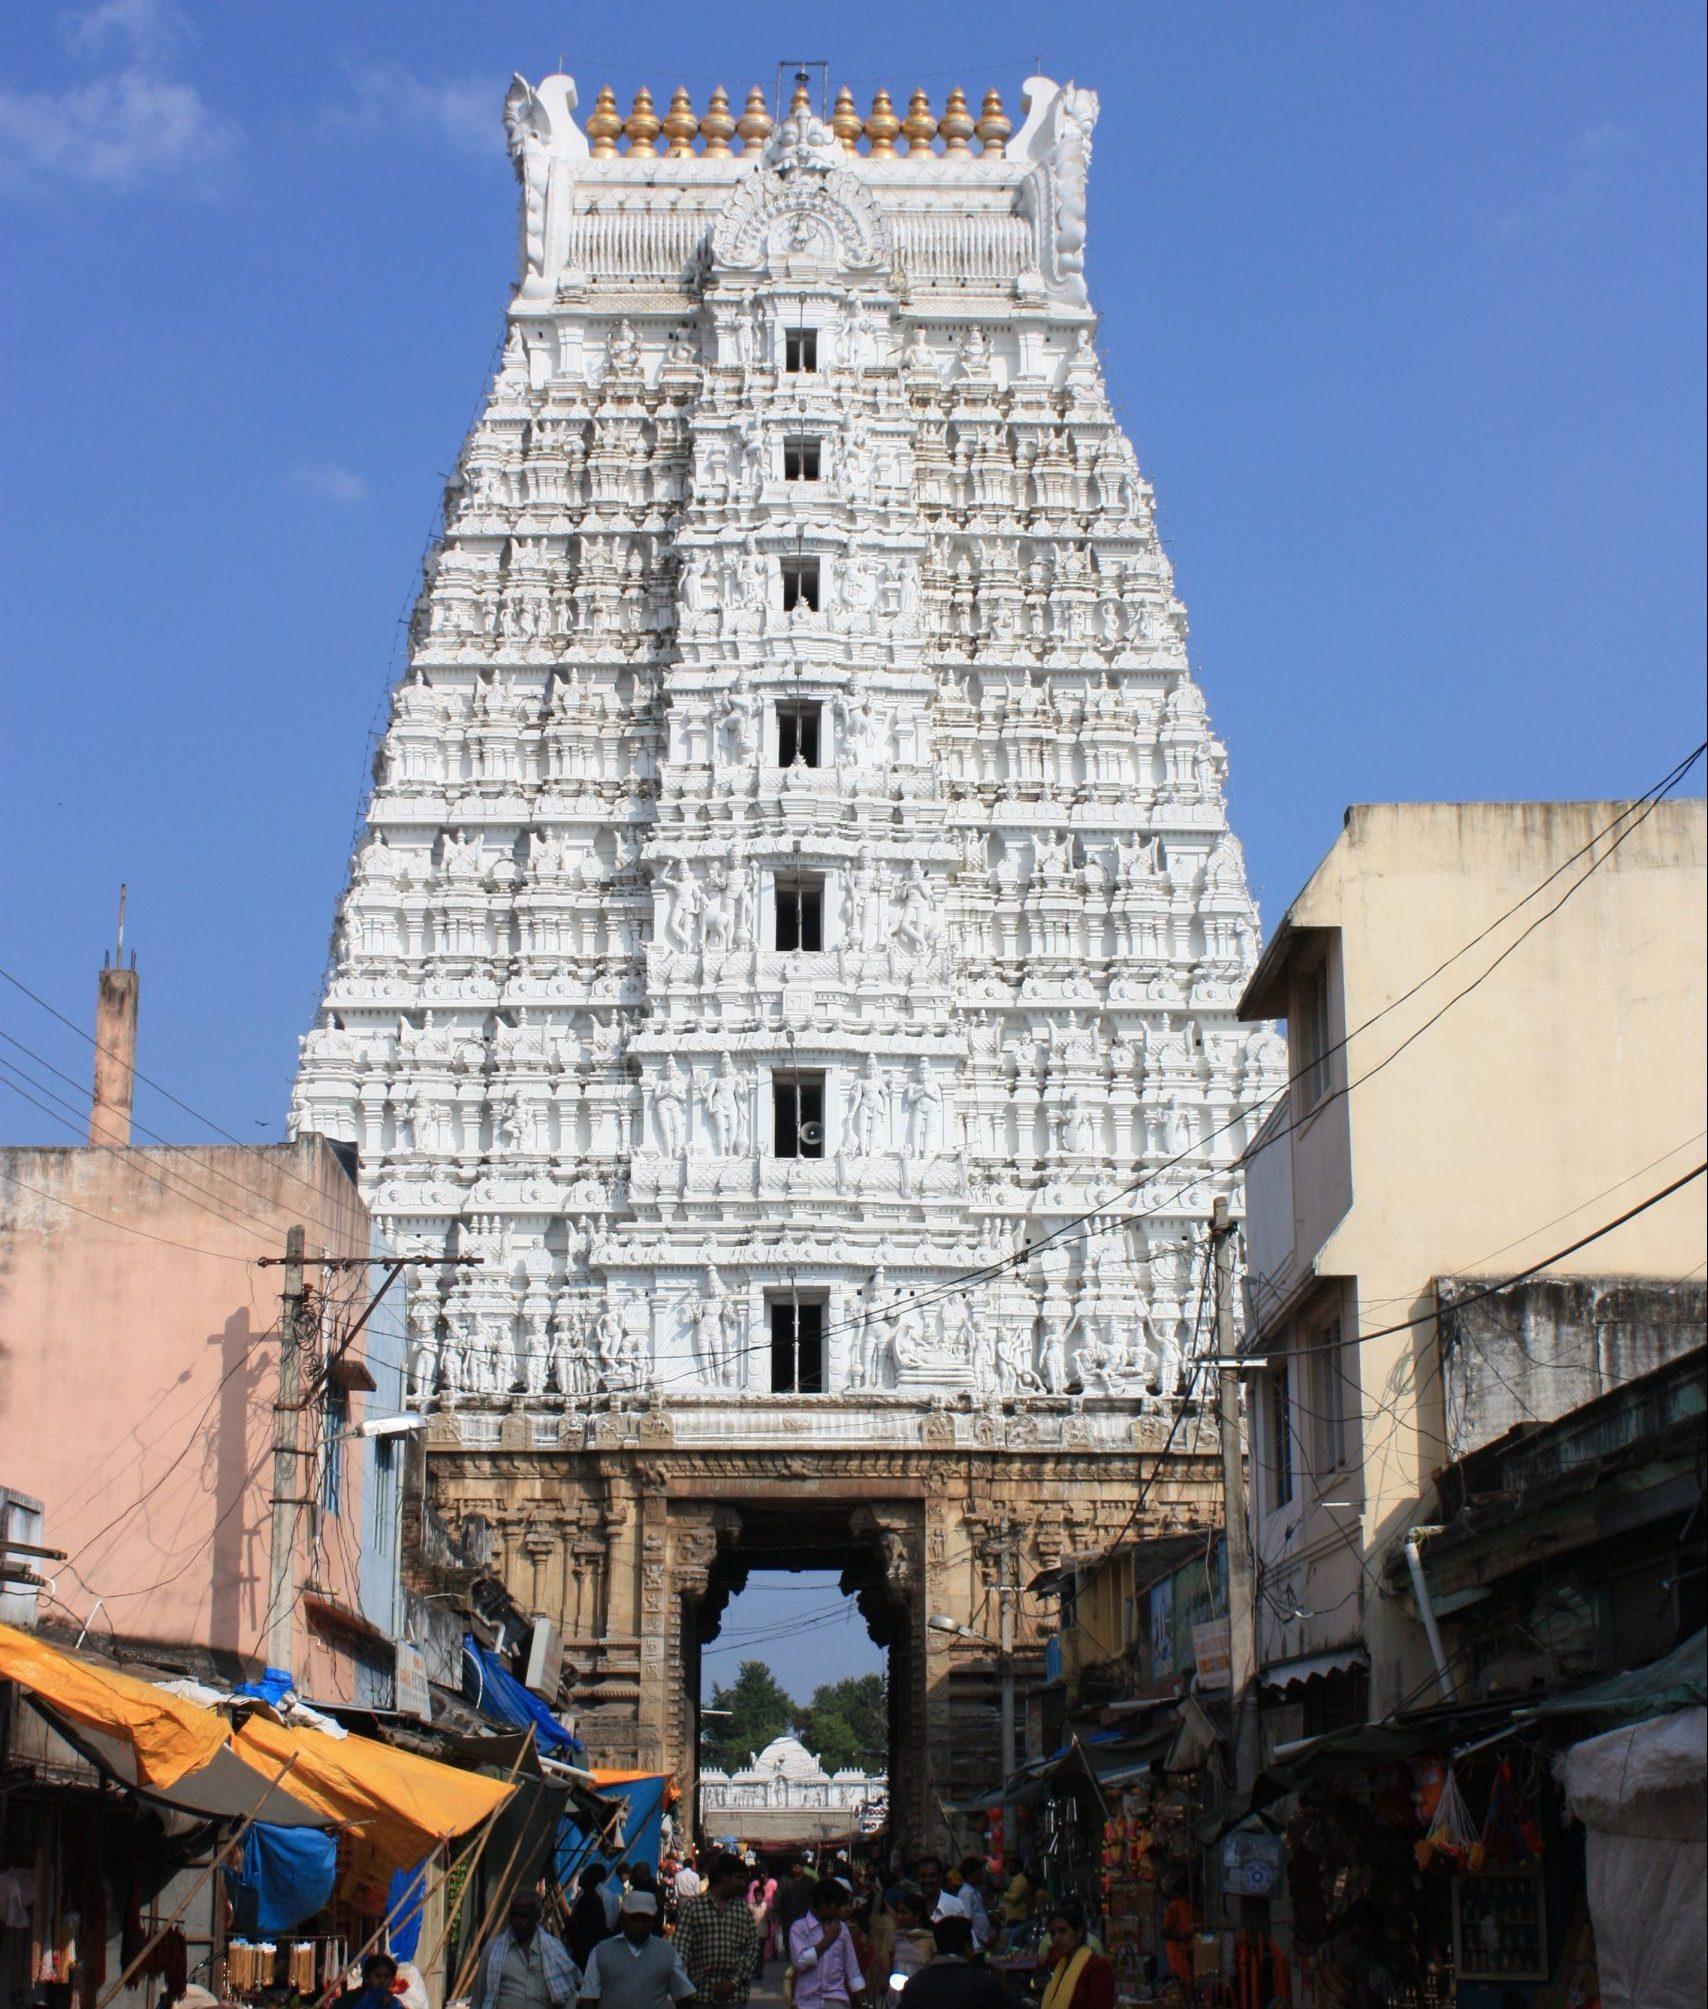 Tirupati in Andhra Pradesh, Sri Govindarajaswami Temple